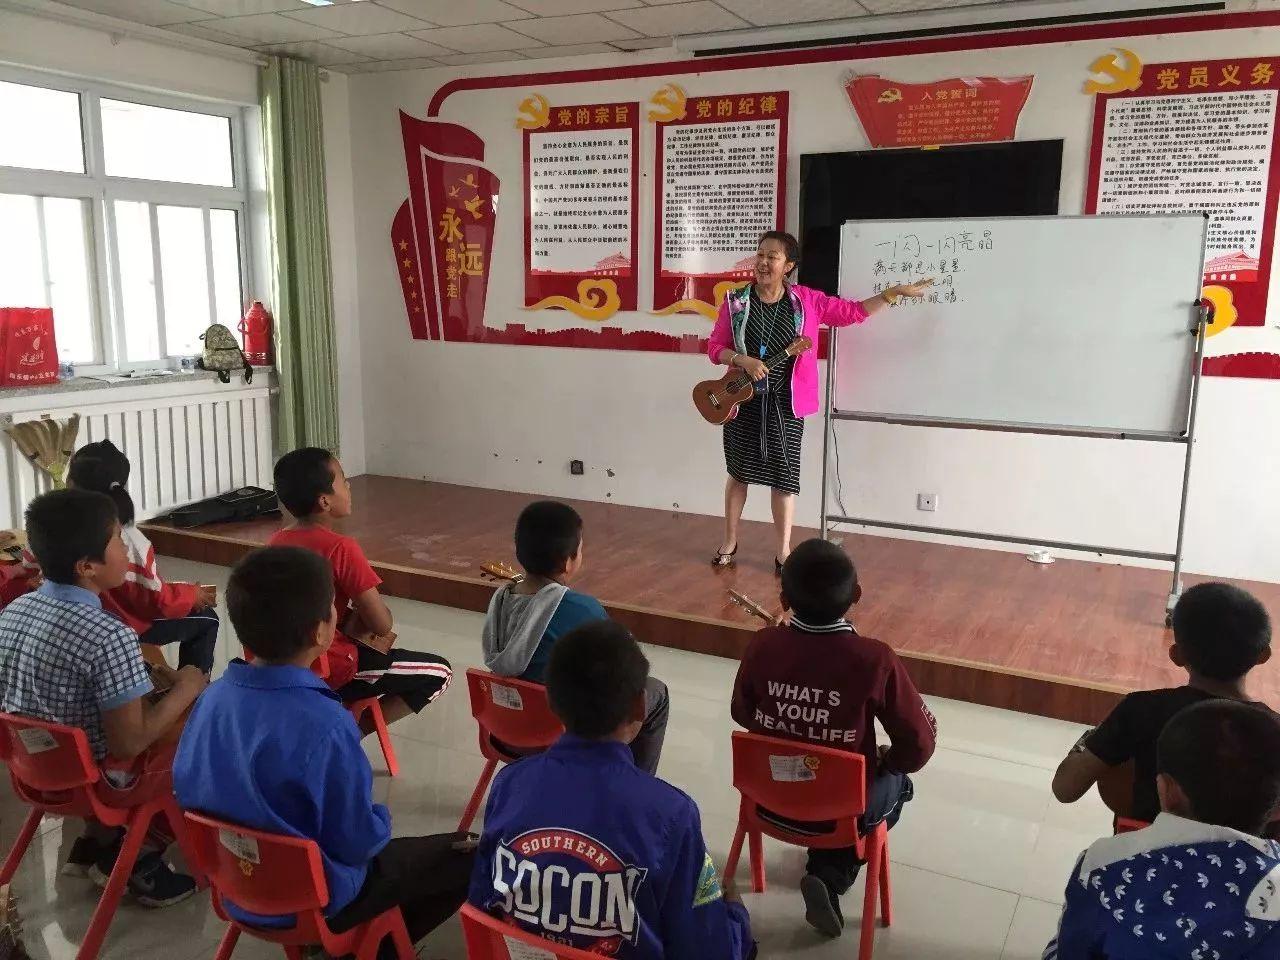 音乐教室公益项目落户勉县墓下小学